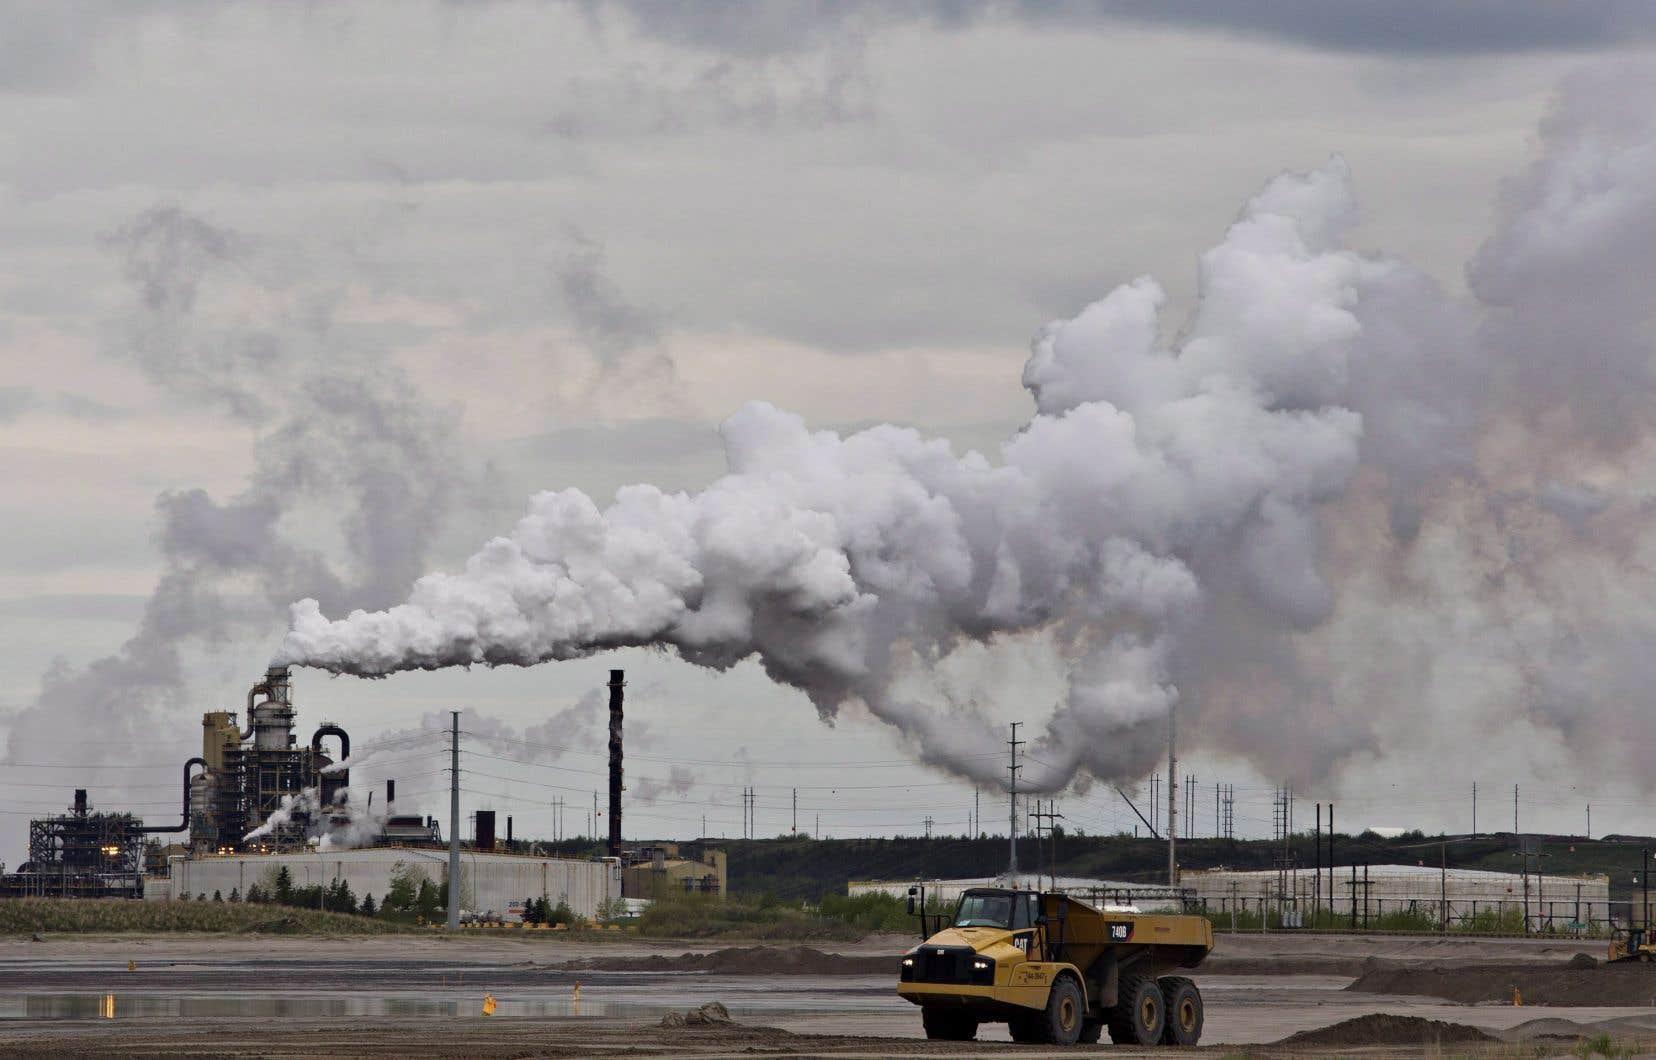 Les émissions de gaz à effet de serre de la production des sables bitumineux ont augmenté de 456% depuis 1990.